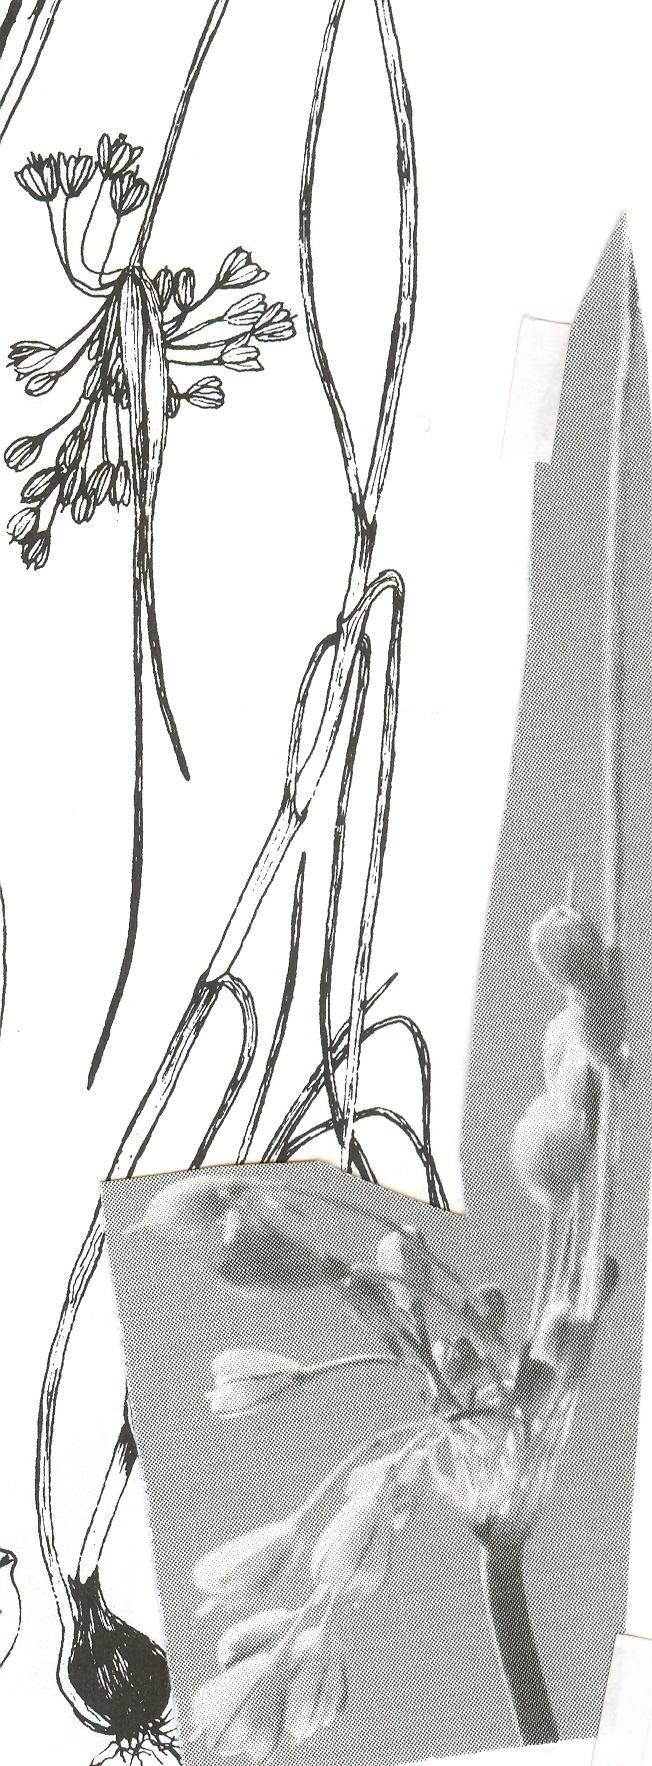 Allium%20telmatum.jpg